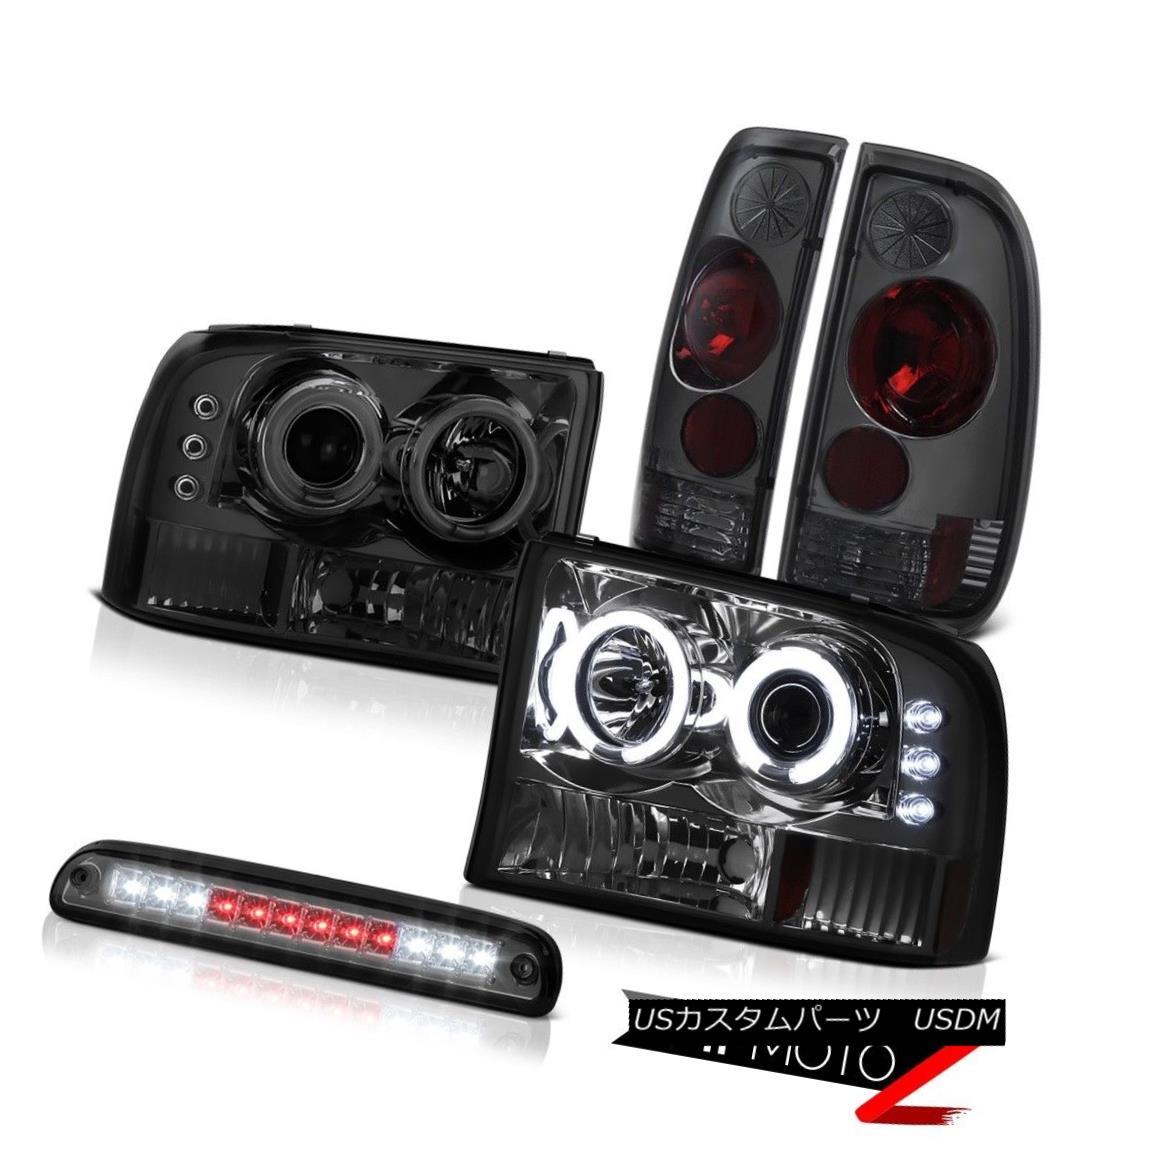 ヘッドライト Quality CCFL Rim Headlights Stop LED Rear Brake TailLight 1999-2004 Ford F350 品質CCFLリムヘッドライトストップLEDリアブレーキTailLight 1999-2004 Ford F350